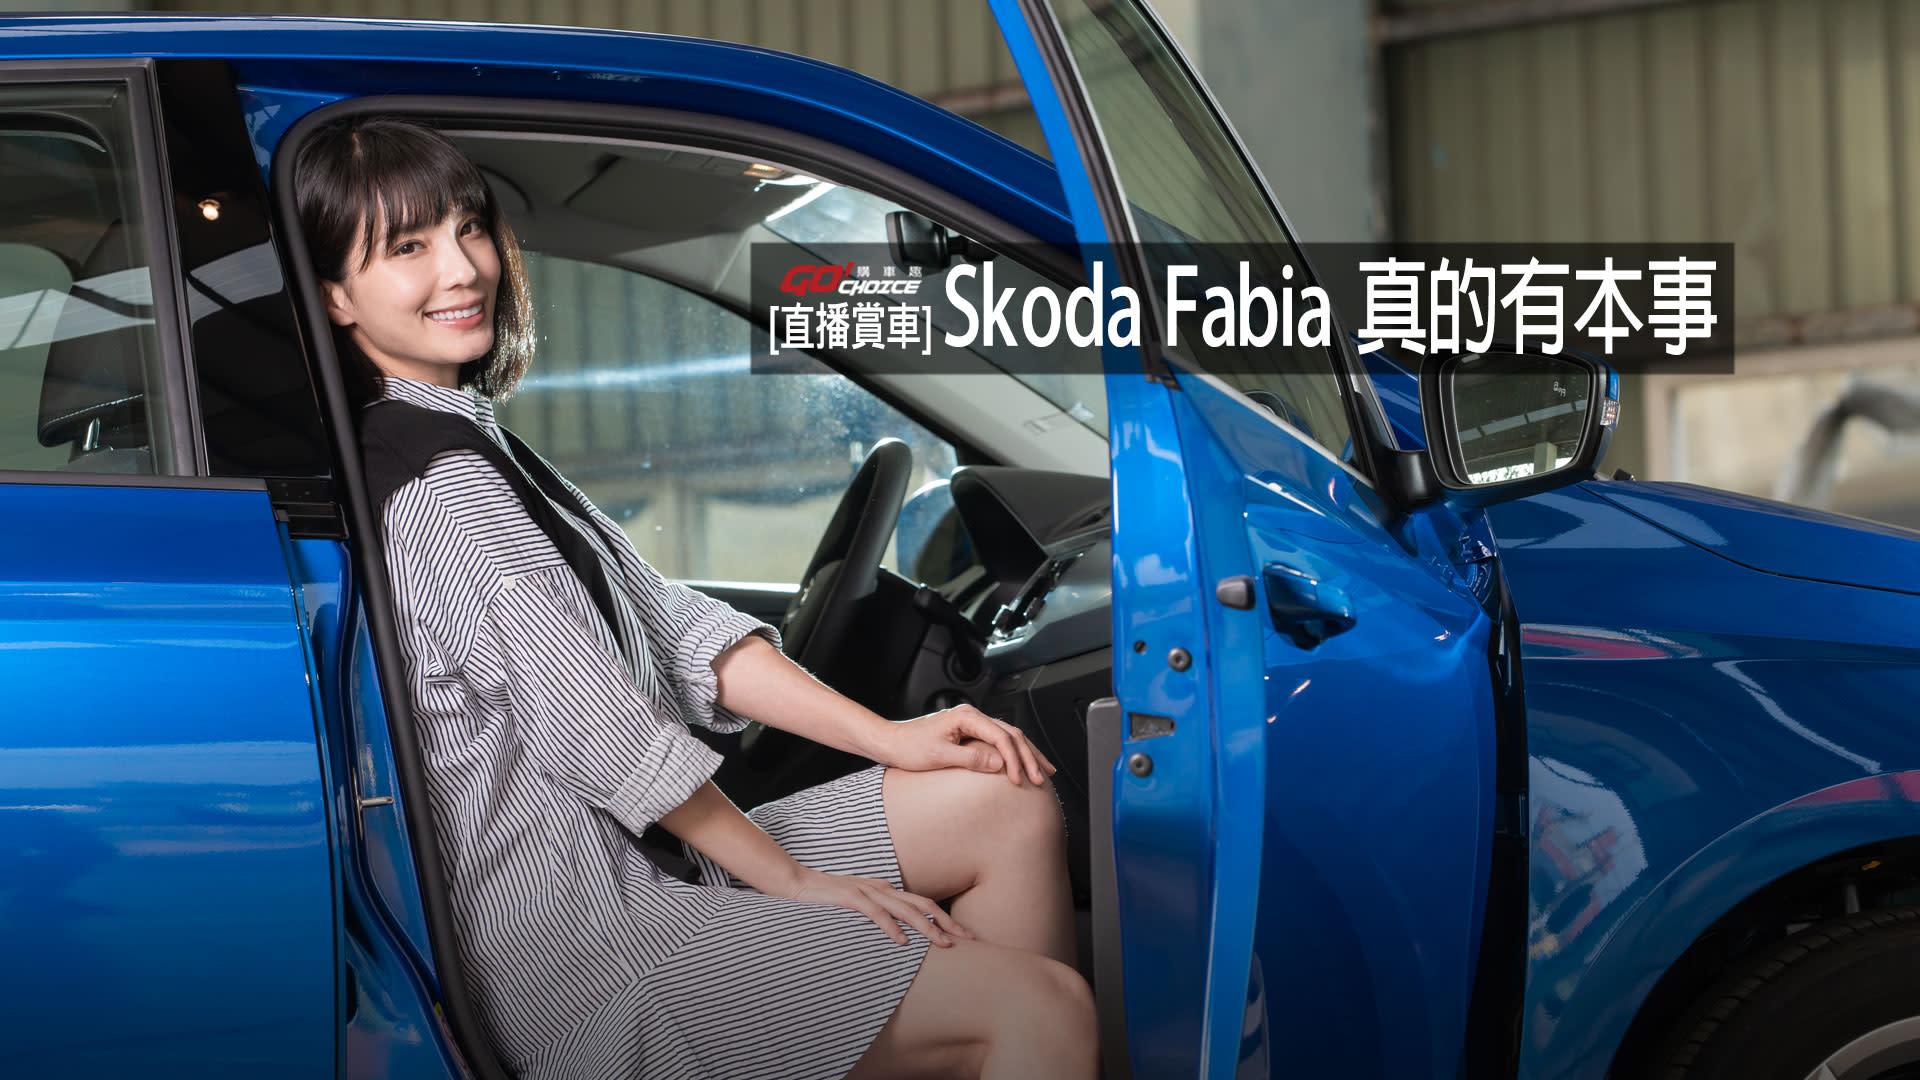 [直播賞車]Skoda Fabia小改款 X 美女藝人~王湘瑩